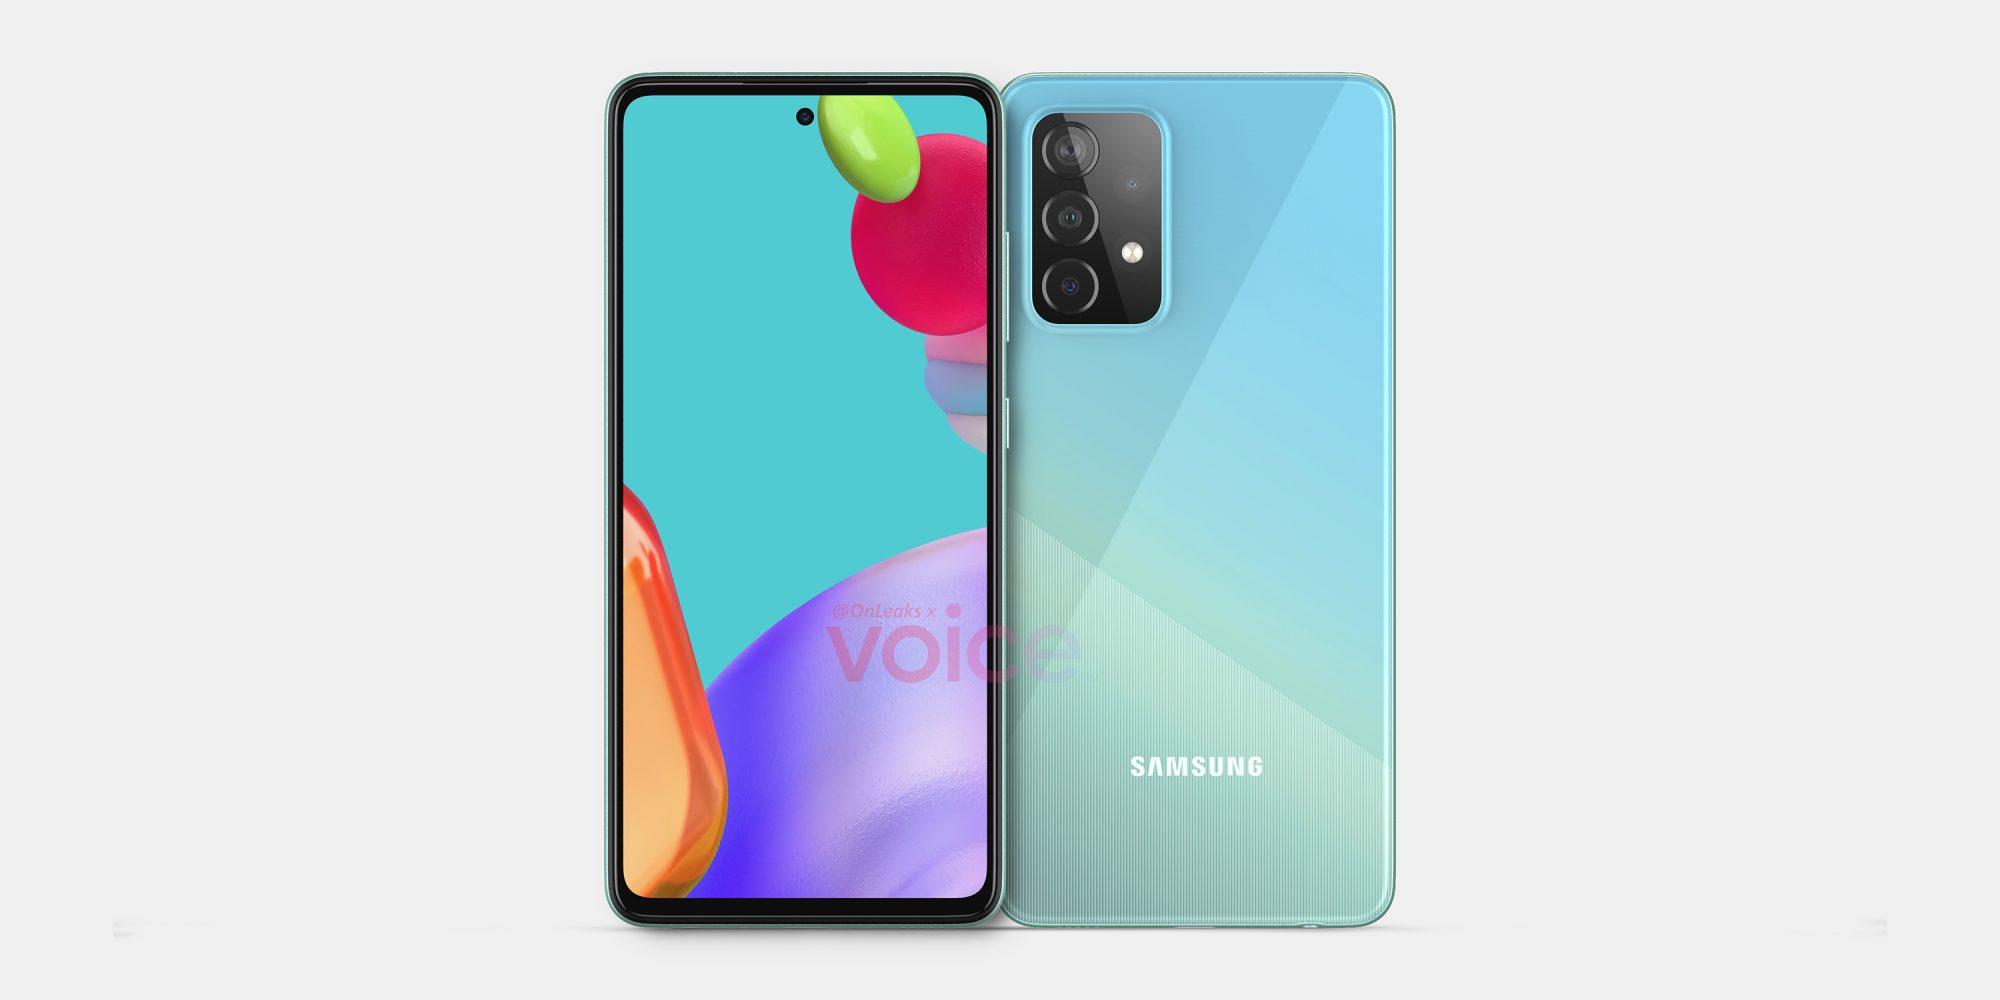 Les Samsung Galaxy A52 et A72 bénéficieront d'écrans 90 et 120 Hz